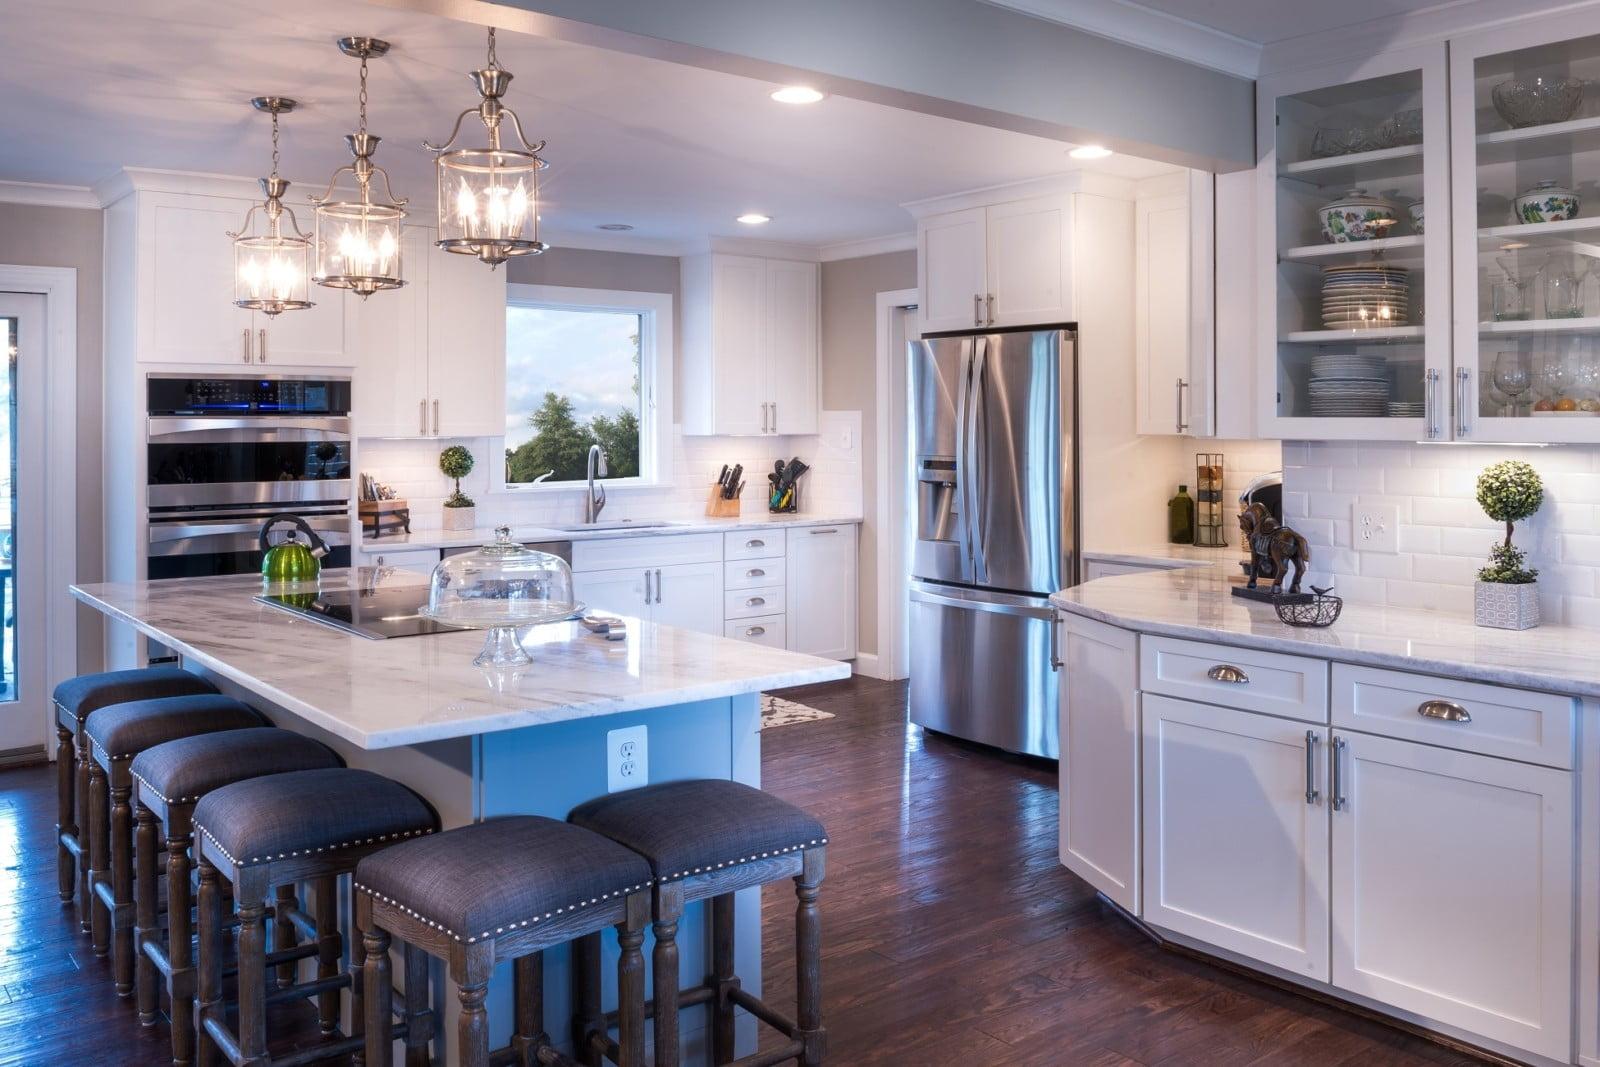 San Diego Kitchen Cabinet Refacing | Boyar\'s Kitchen Cabinets